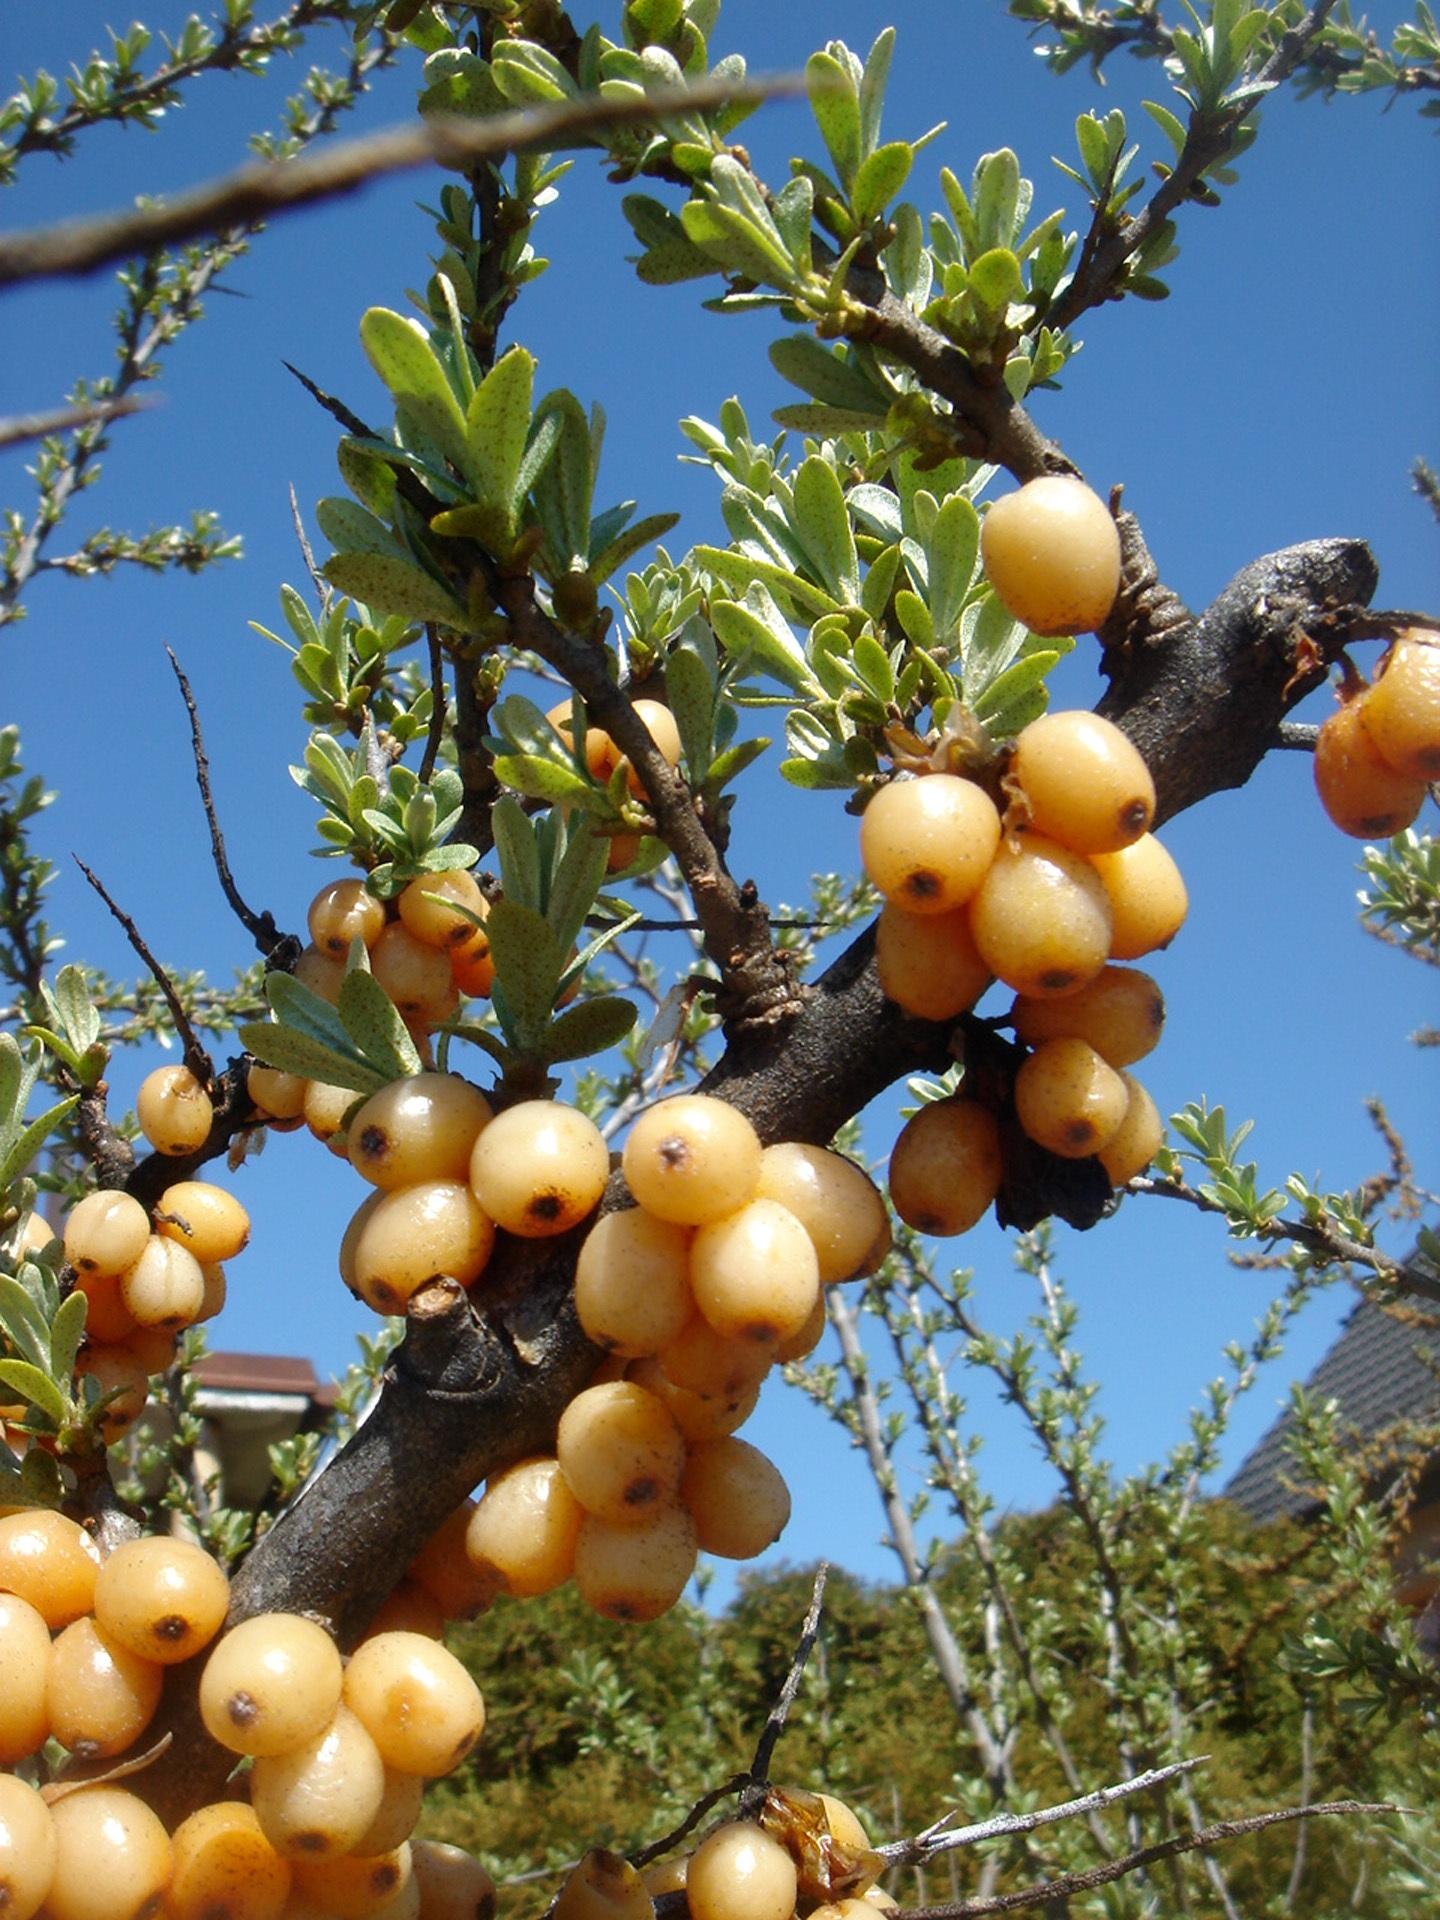 сказке андерсена картинка плоды и цветы на одном дереве примеру, брать ипотеку